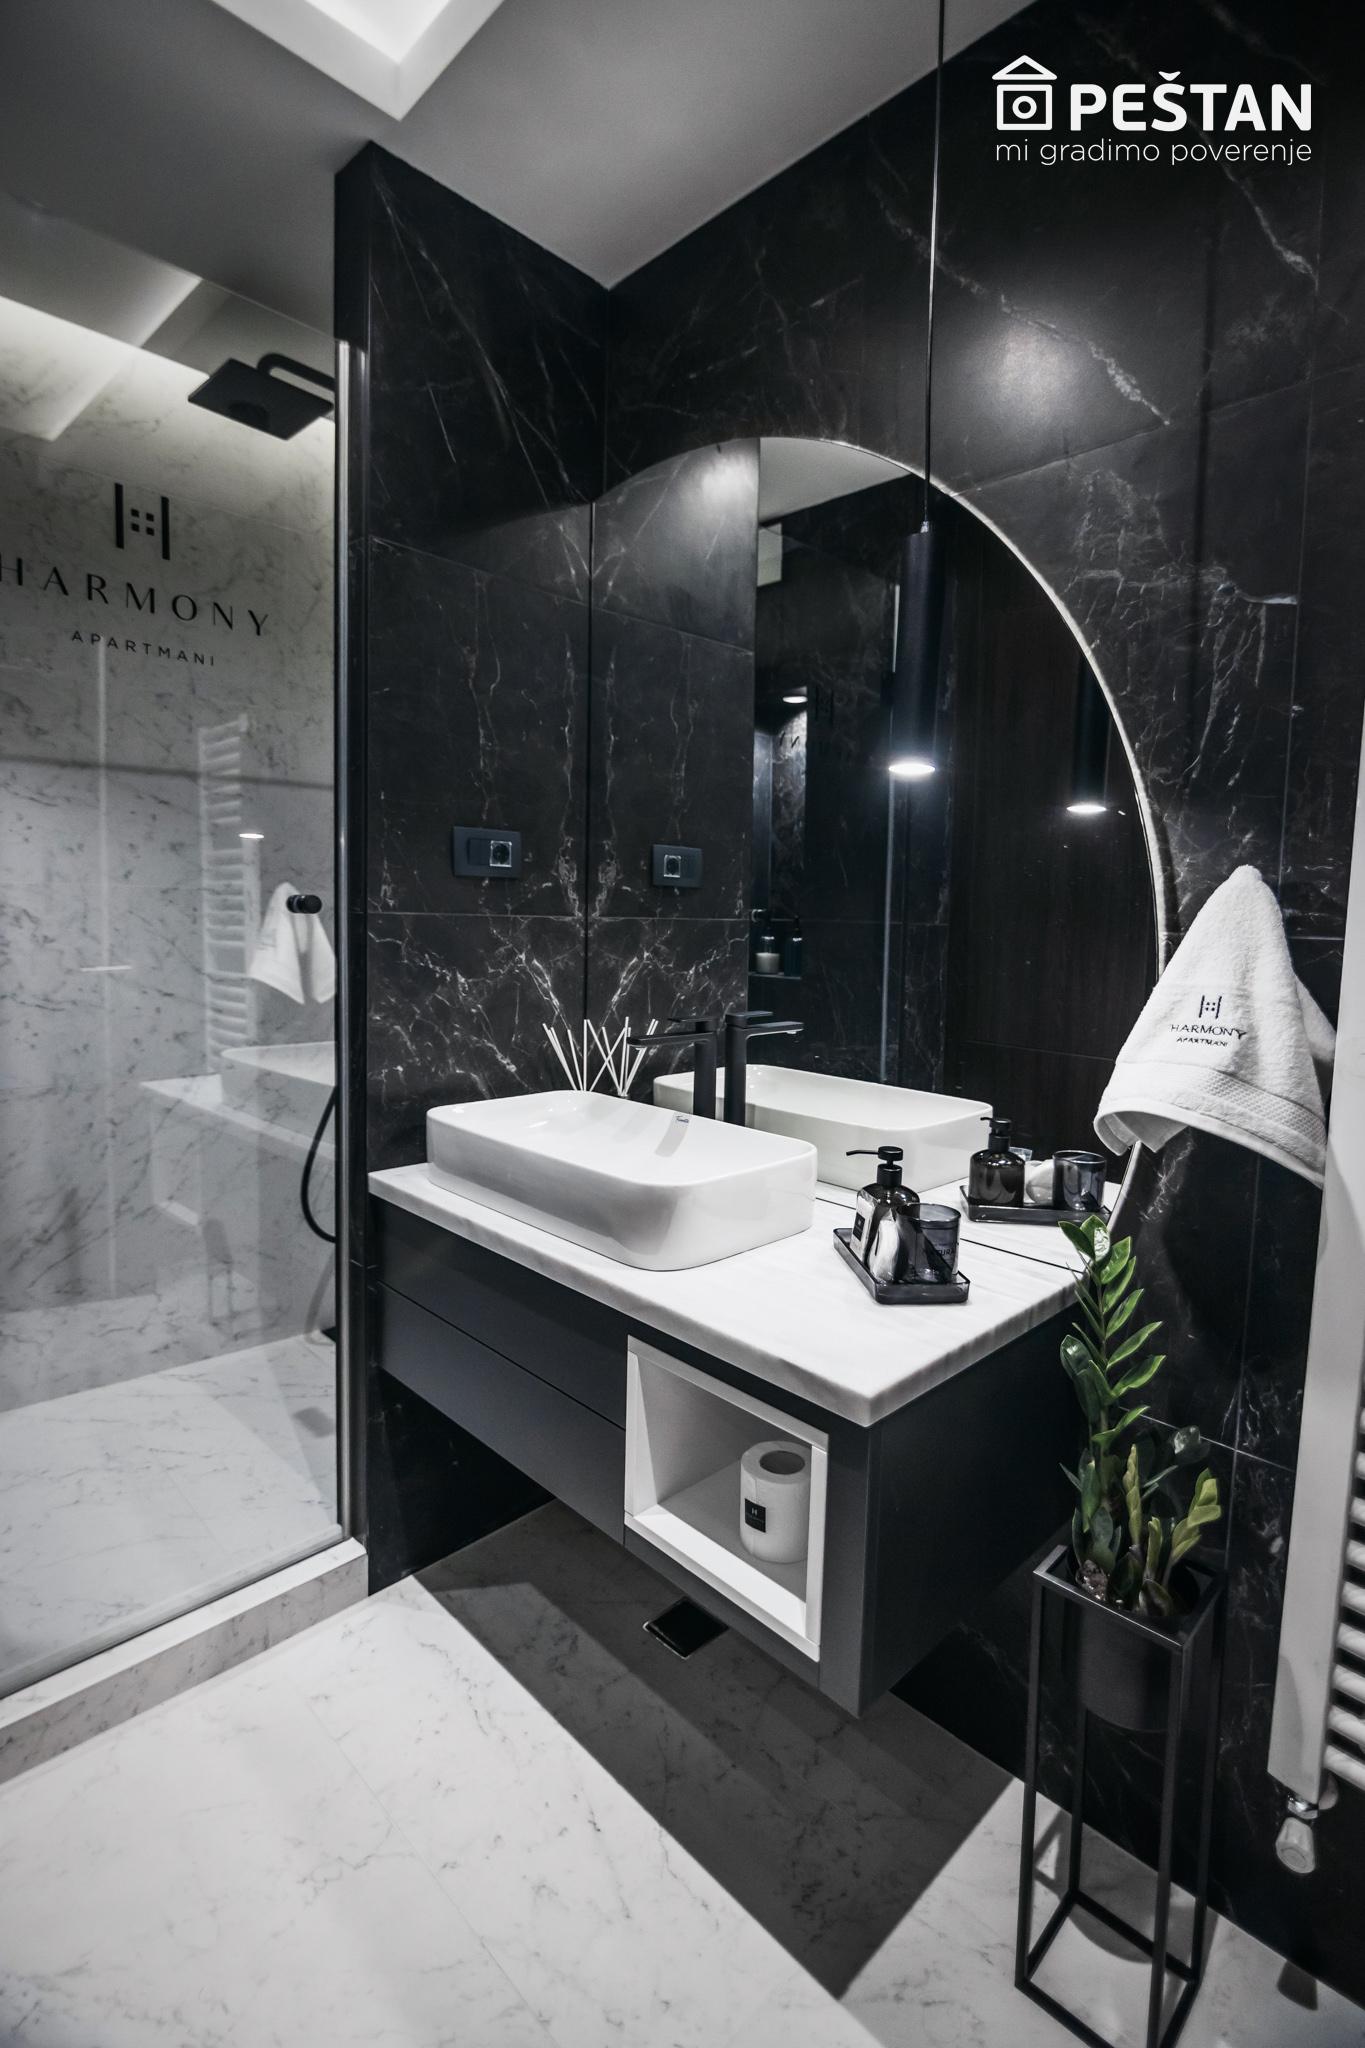 Savremeno kupatilo - Naše mesto za uživanje 1